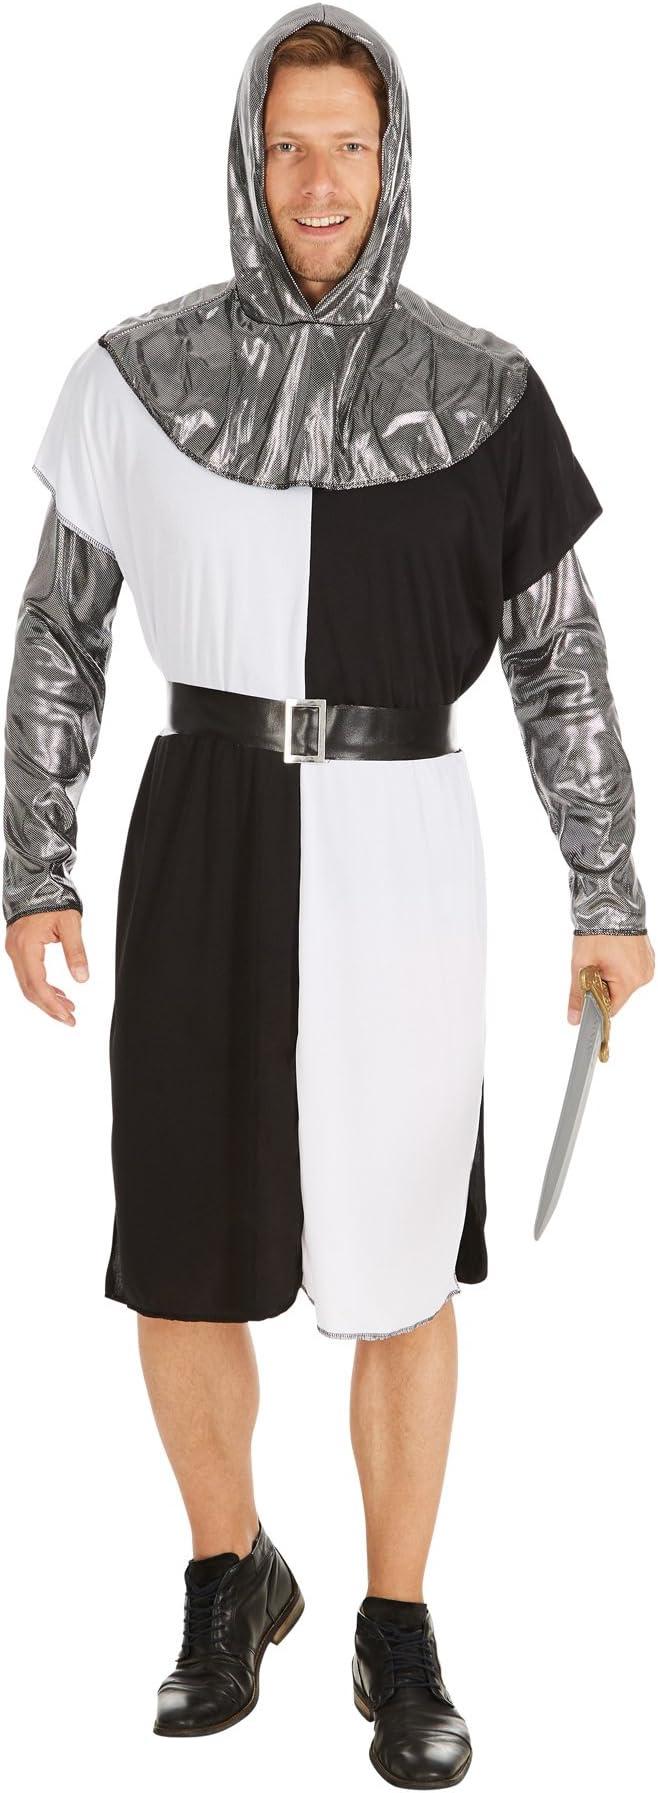 TecTake dressforfun Disfraz de Caballero Medieval para Hombre | Camisa de Manga Larga con Mangas y Capa con Capucha en Óptica de Metal y un Cinturón ...